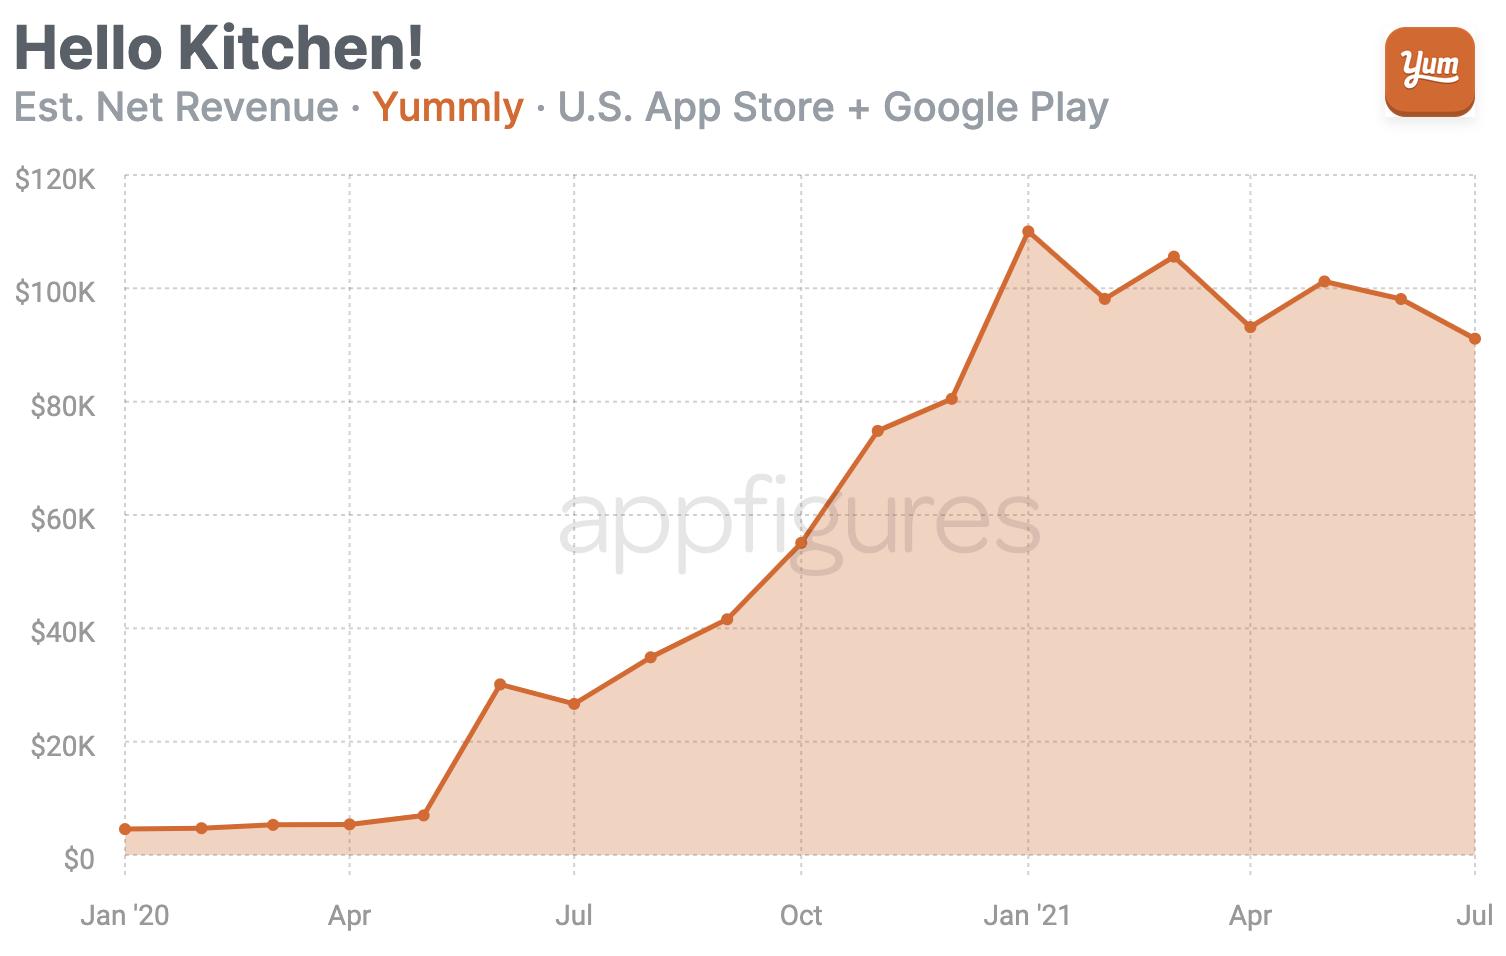 Yummly mobile revenue in the U.S.